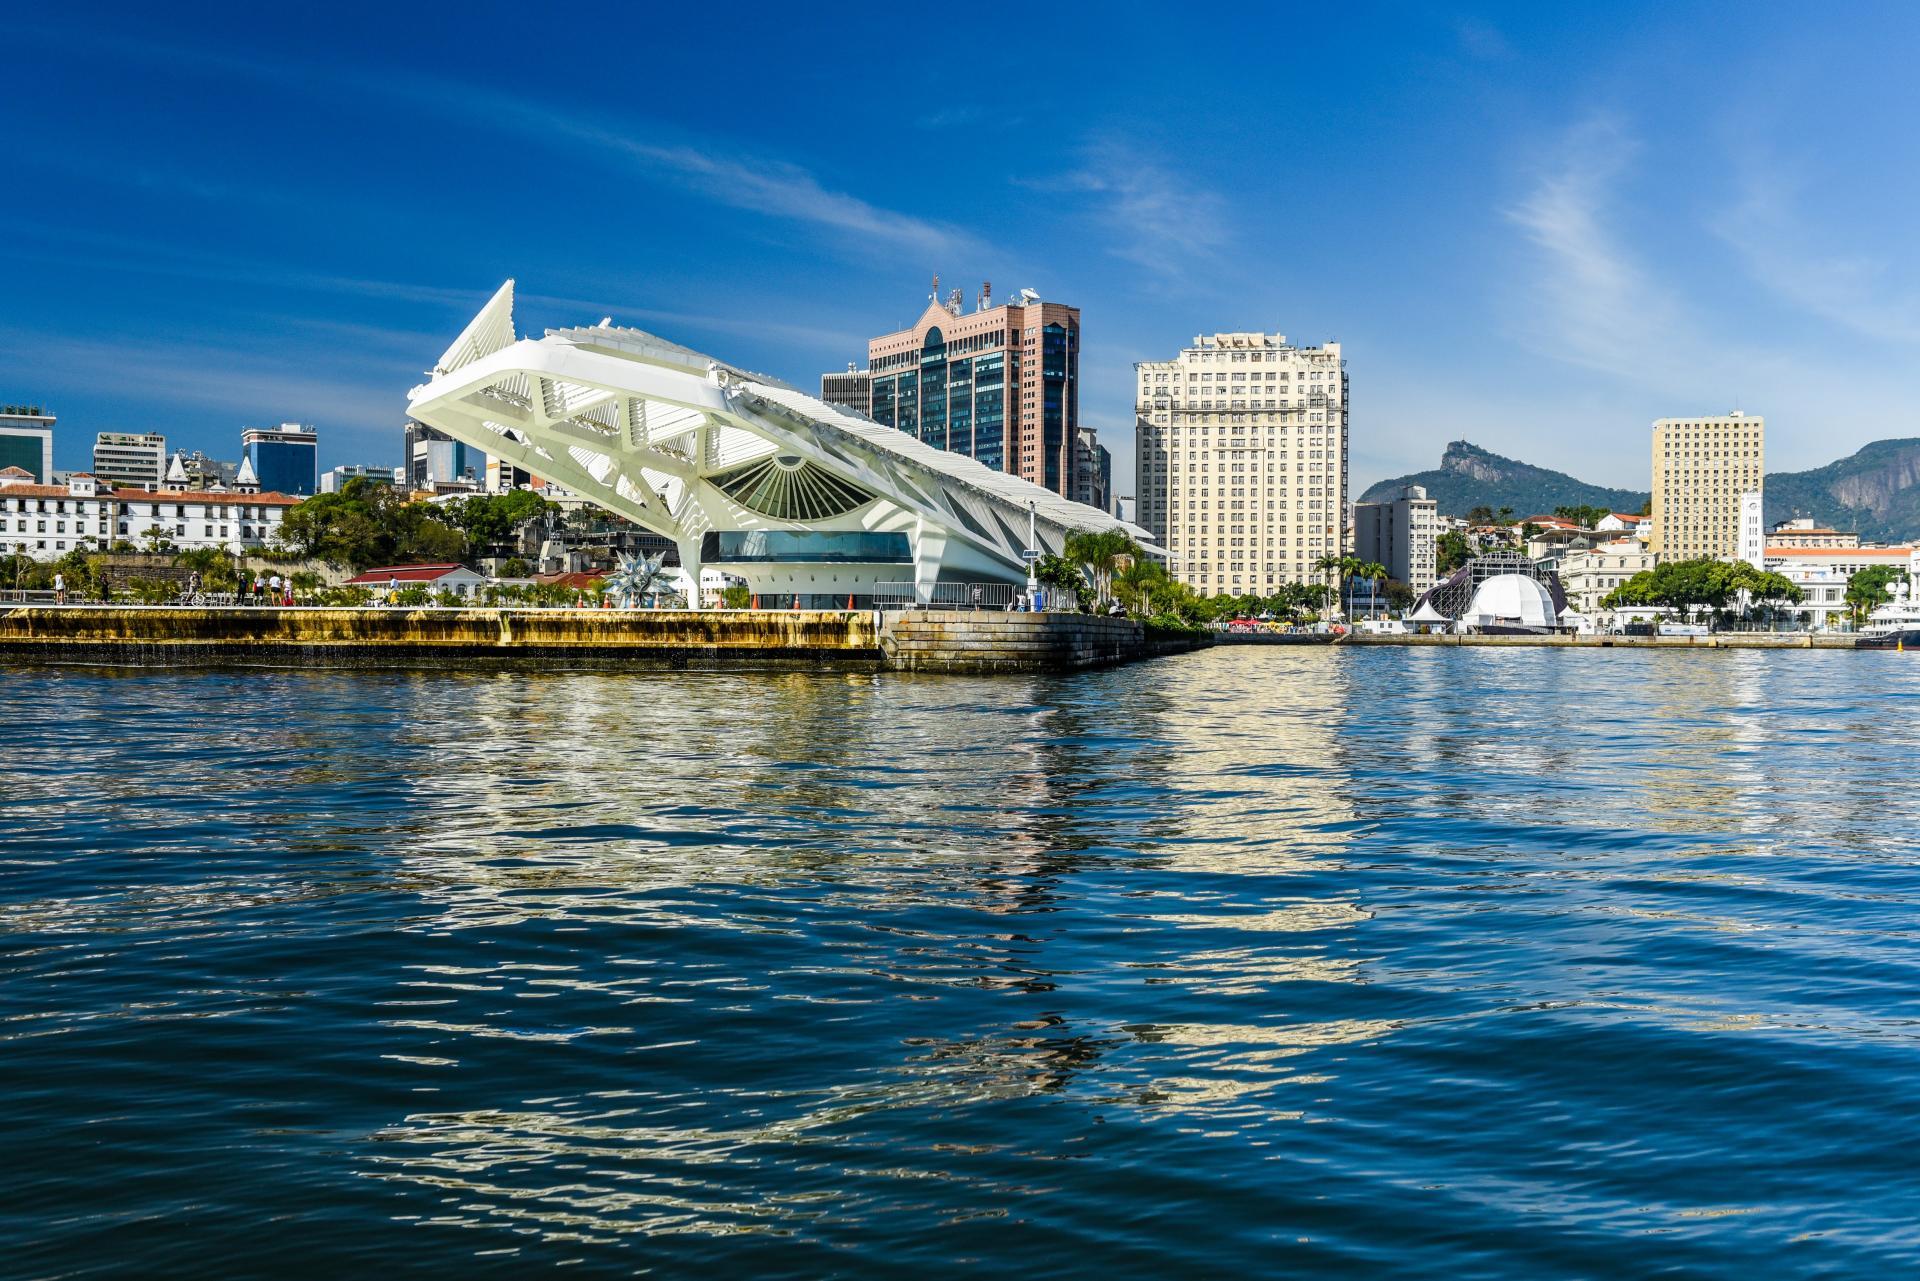 Neuer Hafen Rio de Janeiro